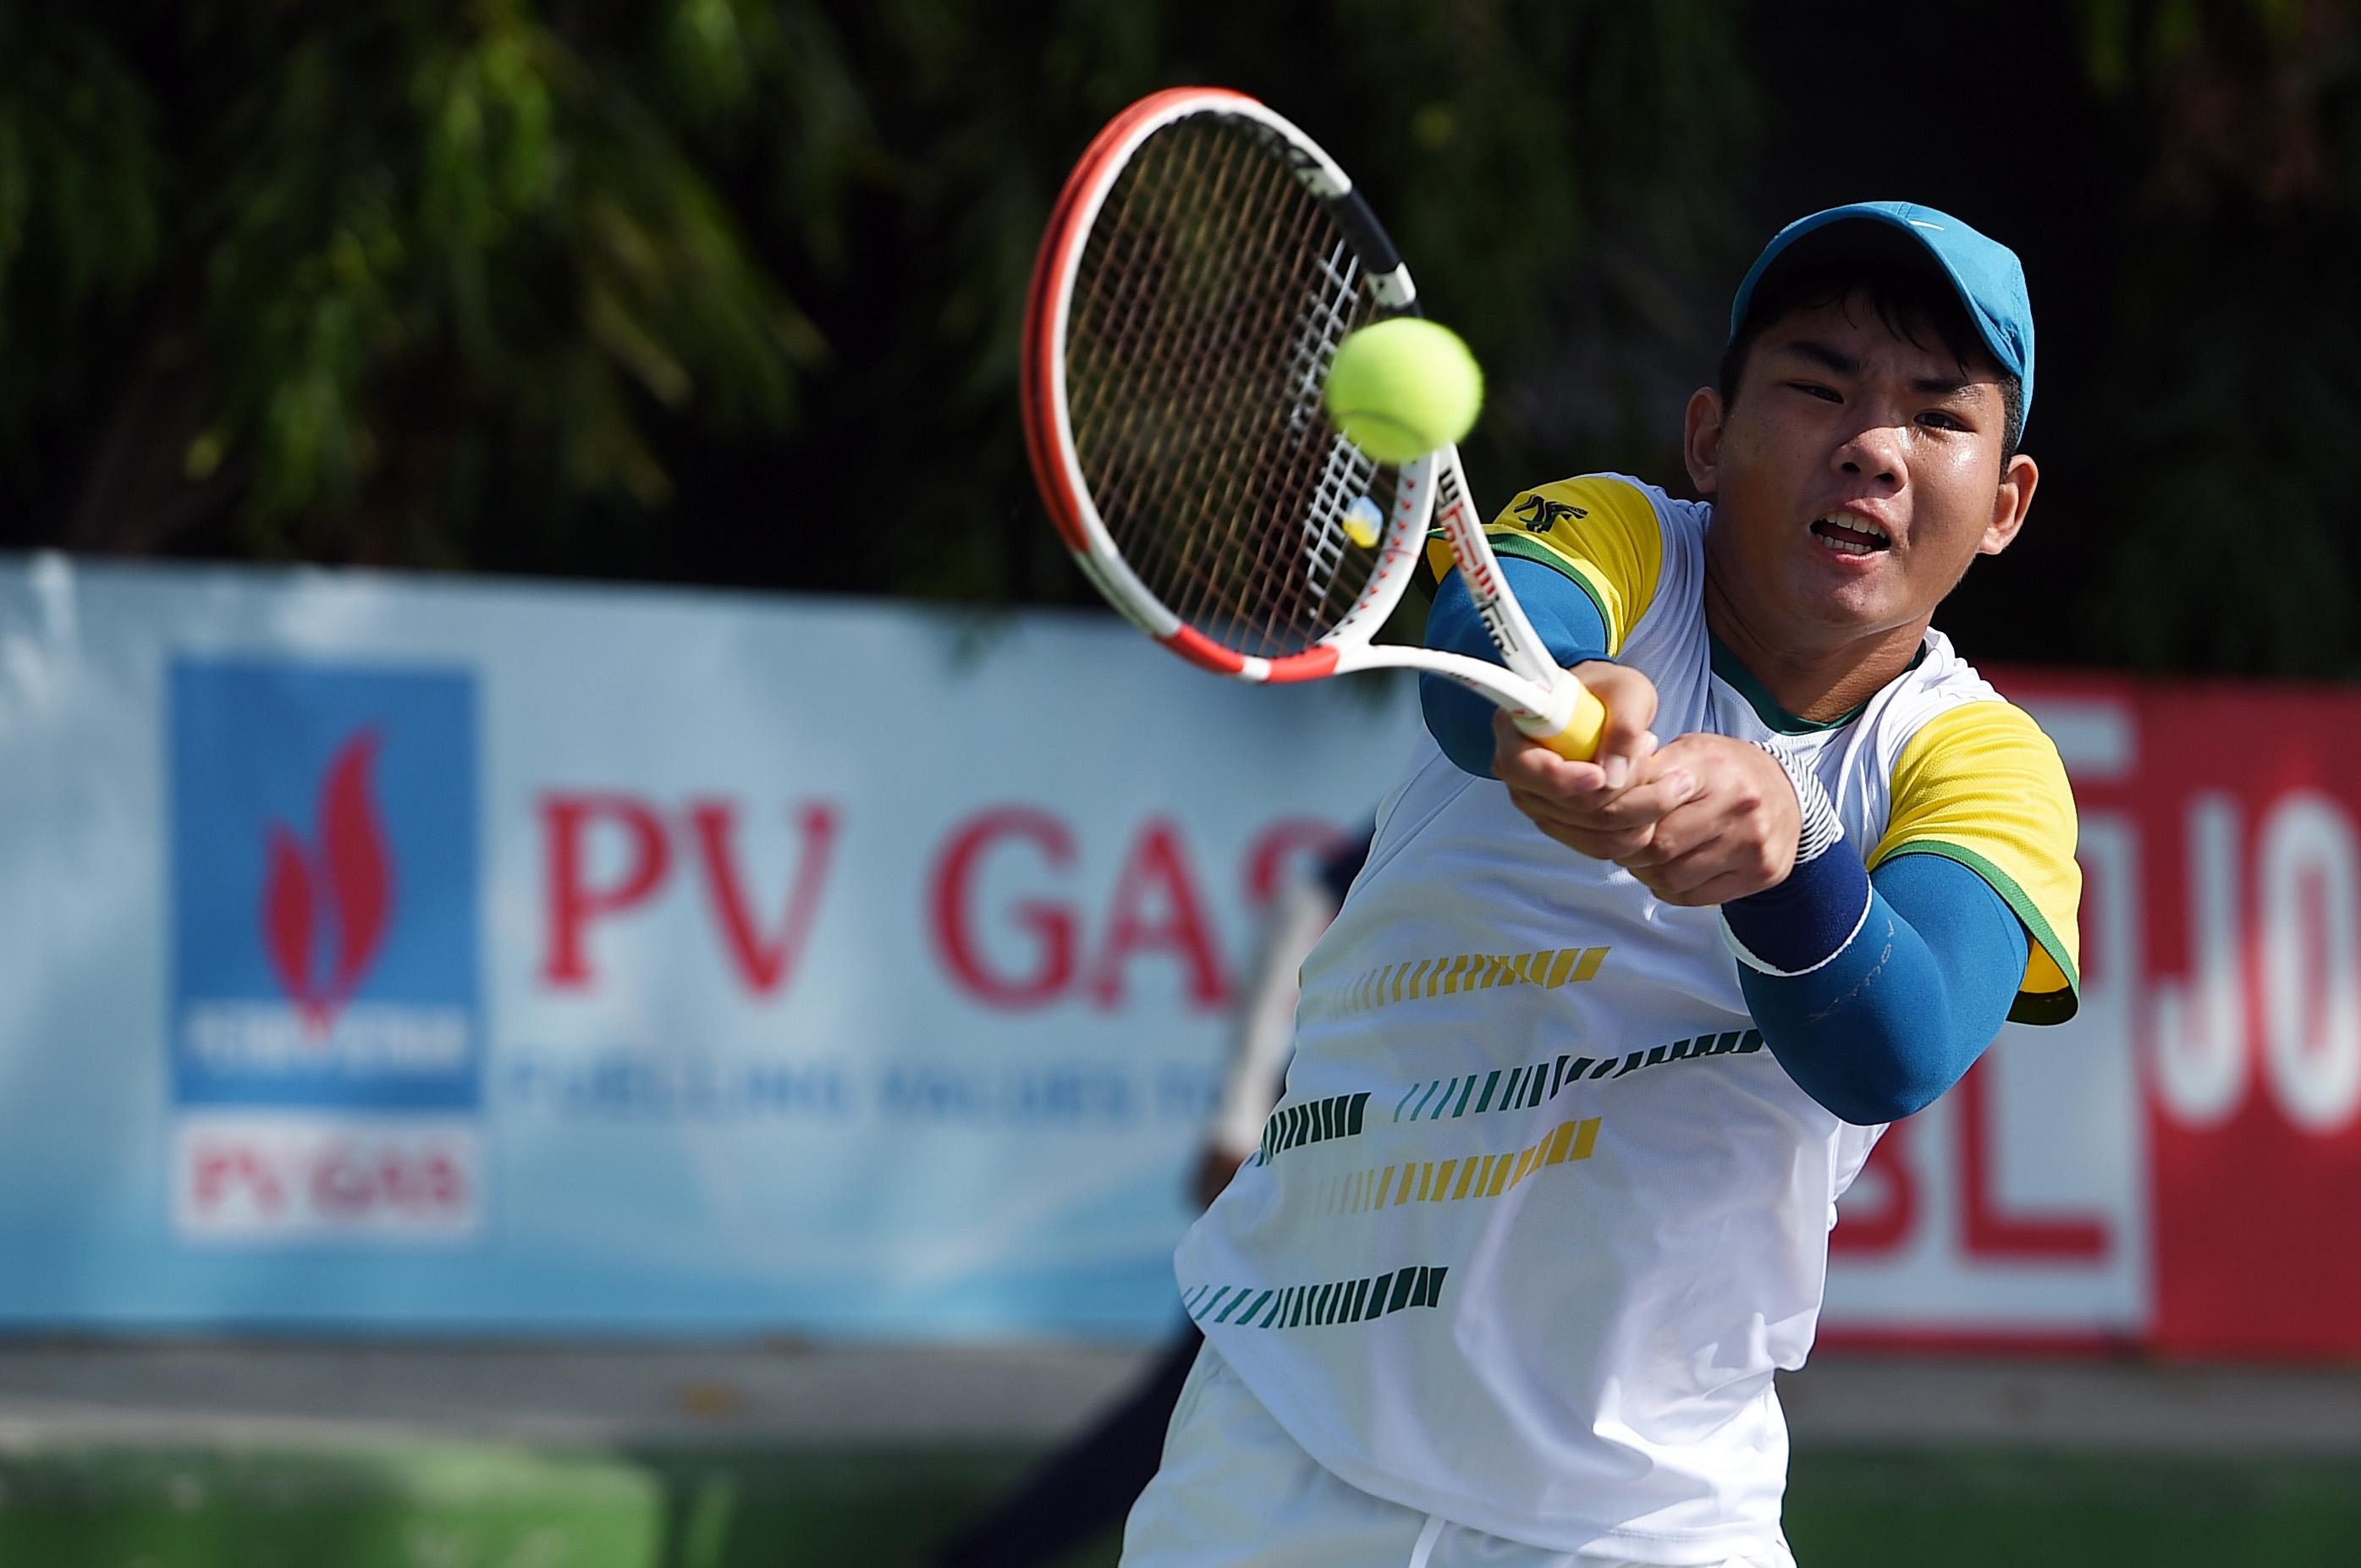 Hình ảnh: VTF Masters 500 – 1 – Hai Dang Cup 2021: Ấn tượng tài năng trẻ Nguyễn Quang Vinh số 2